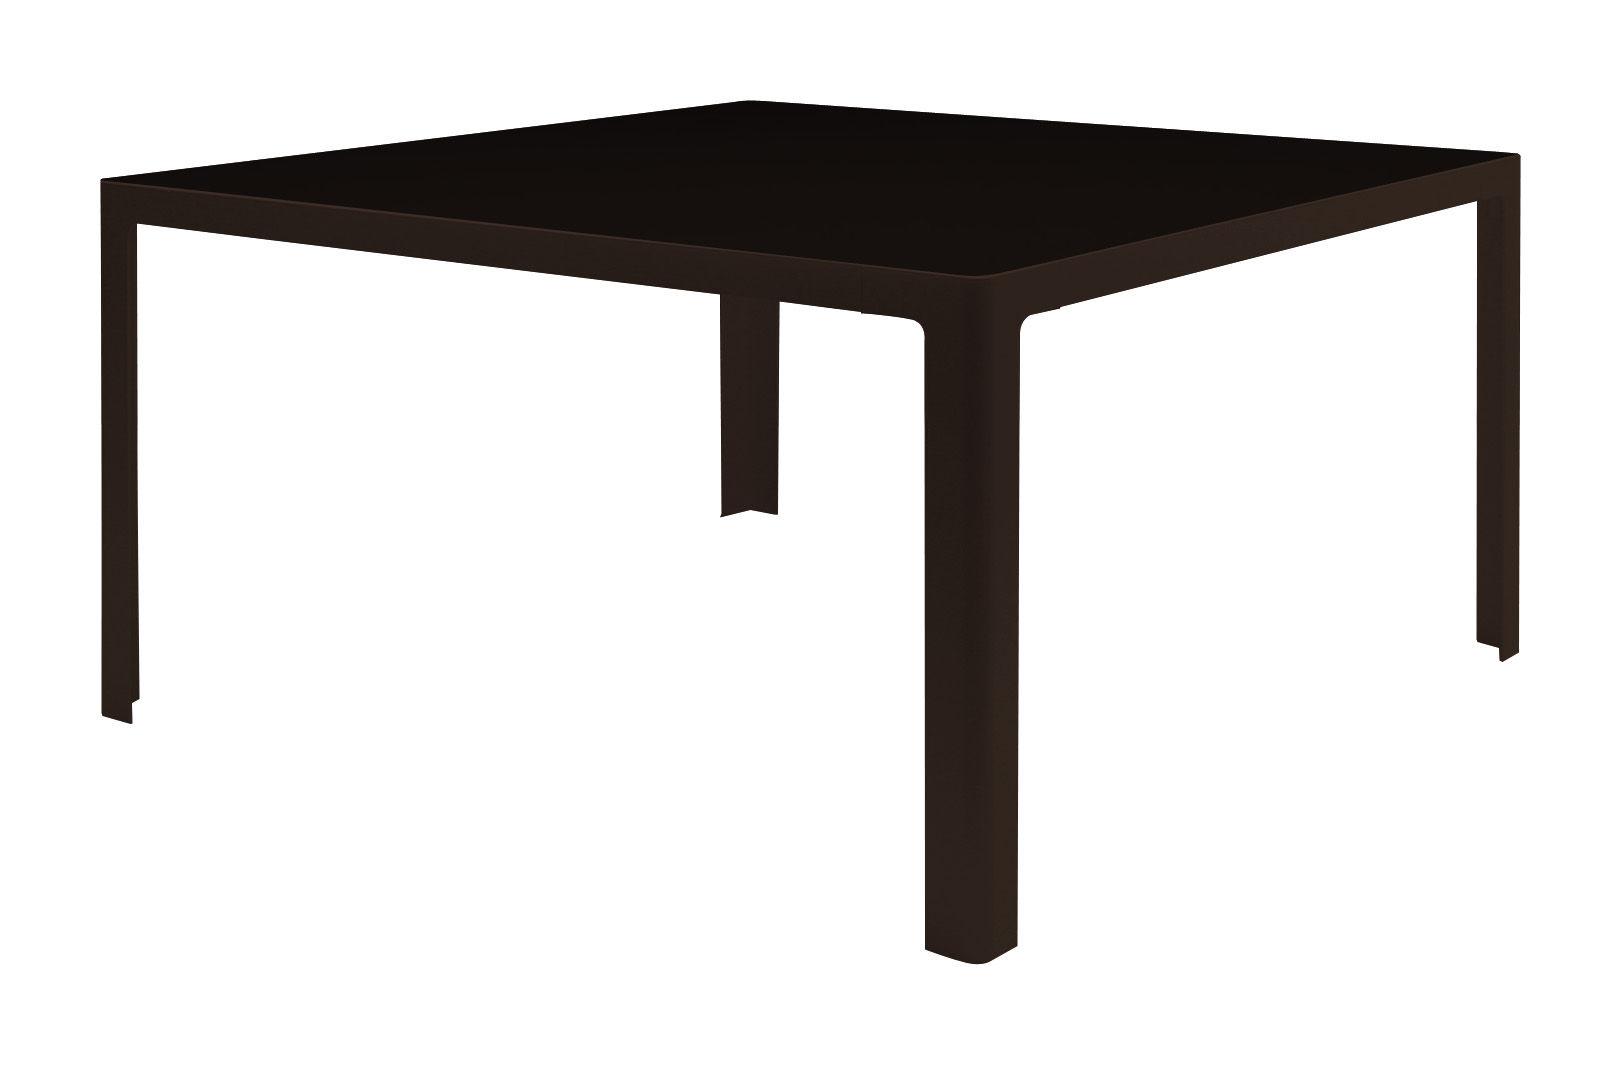 Mobilier - Tables - Table Metisse / Verre - 140 x 140 cm - Zeus - Plateau noir / Structure noir cuivré - Acier, Verre